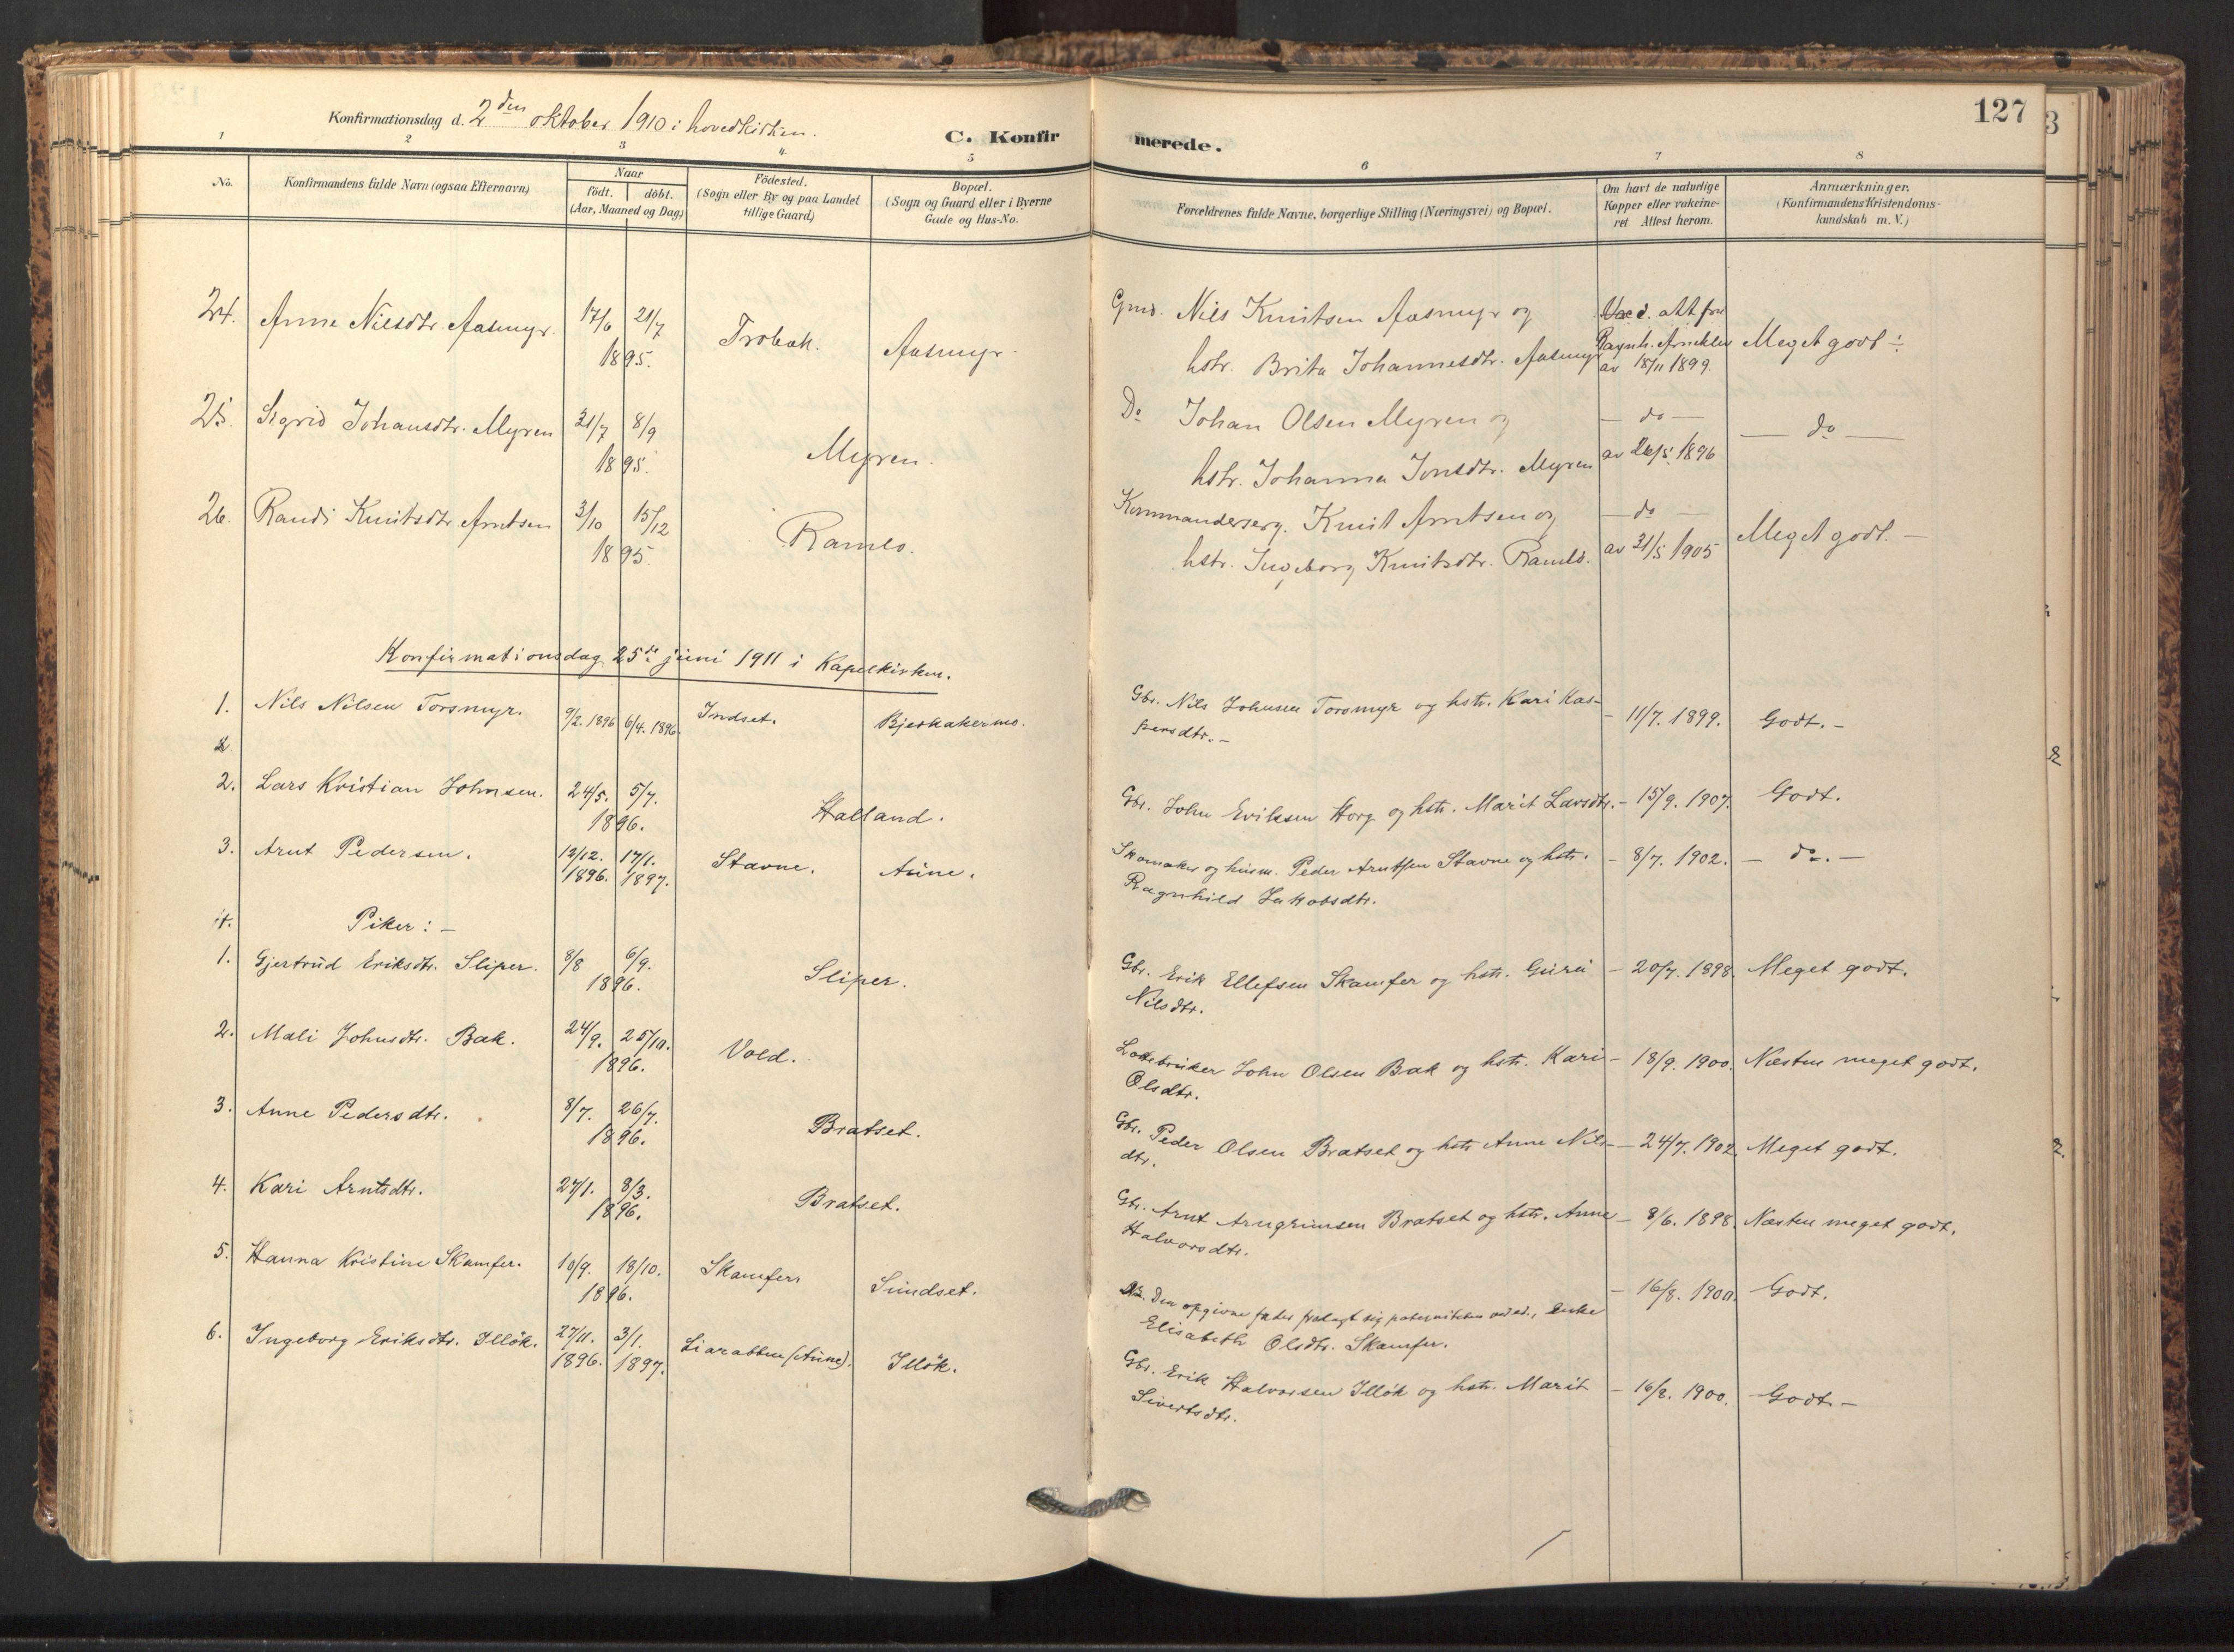 SAT, Ministerialprotokoller, klokkerbøker og fødselsregistre - Sør-Trøndelag, 674/L0873: Ministerialbok nr. 674A05, 1908-1923, s. 127